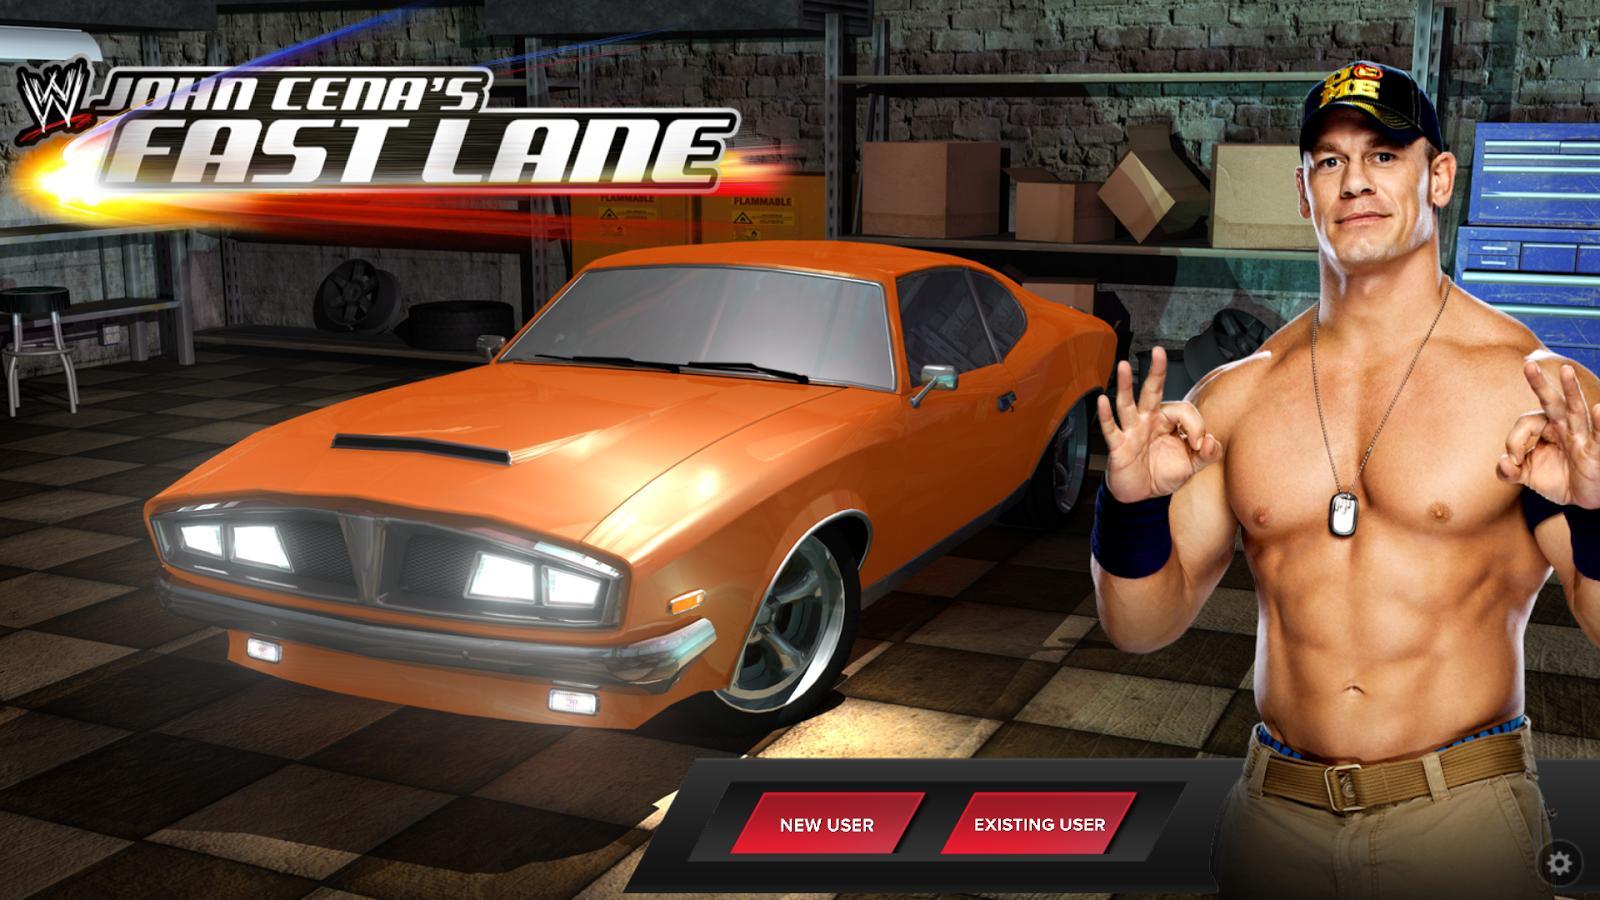 WWE: John Cena's Fast Lane Gratis